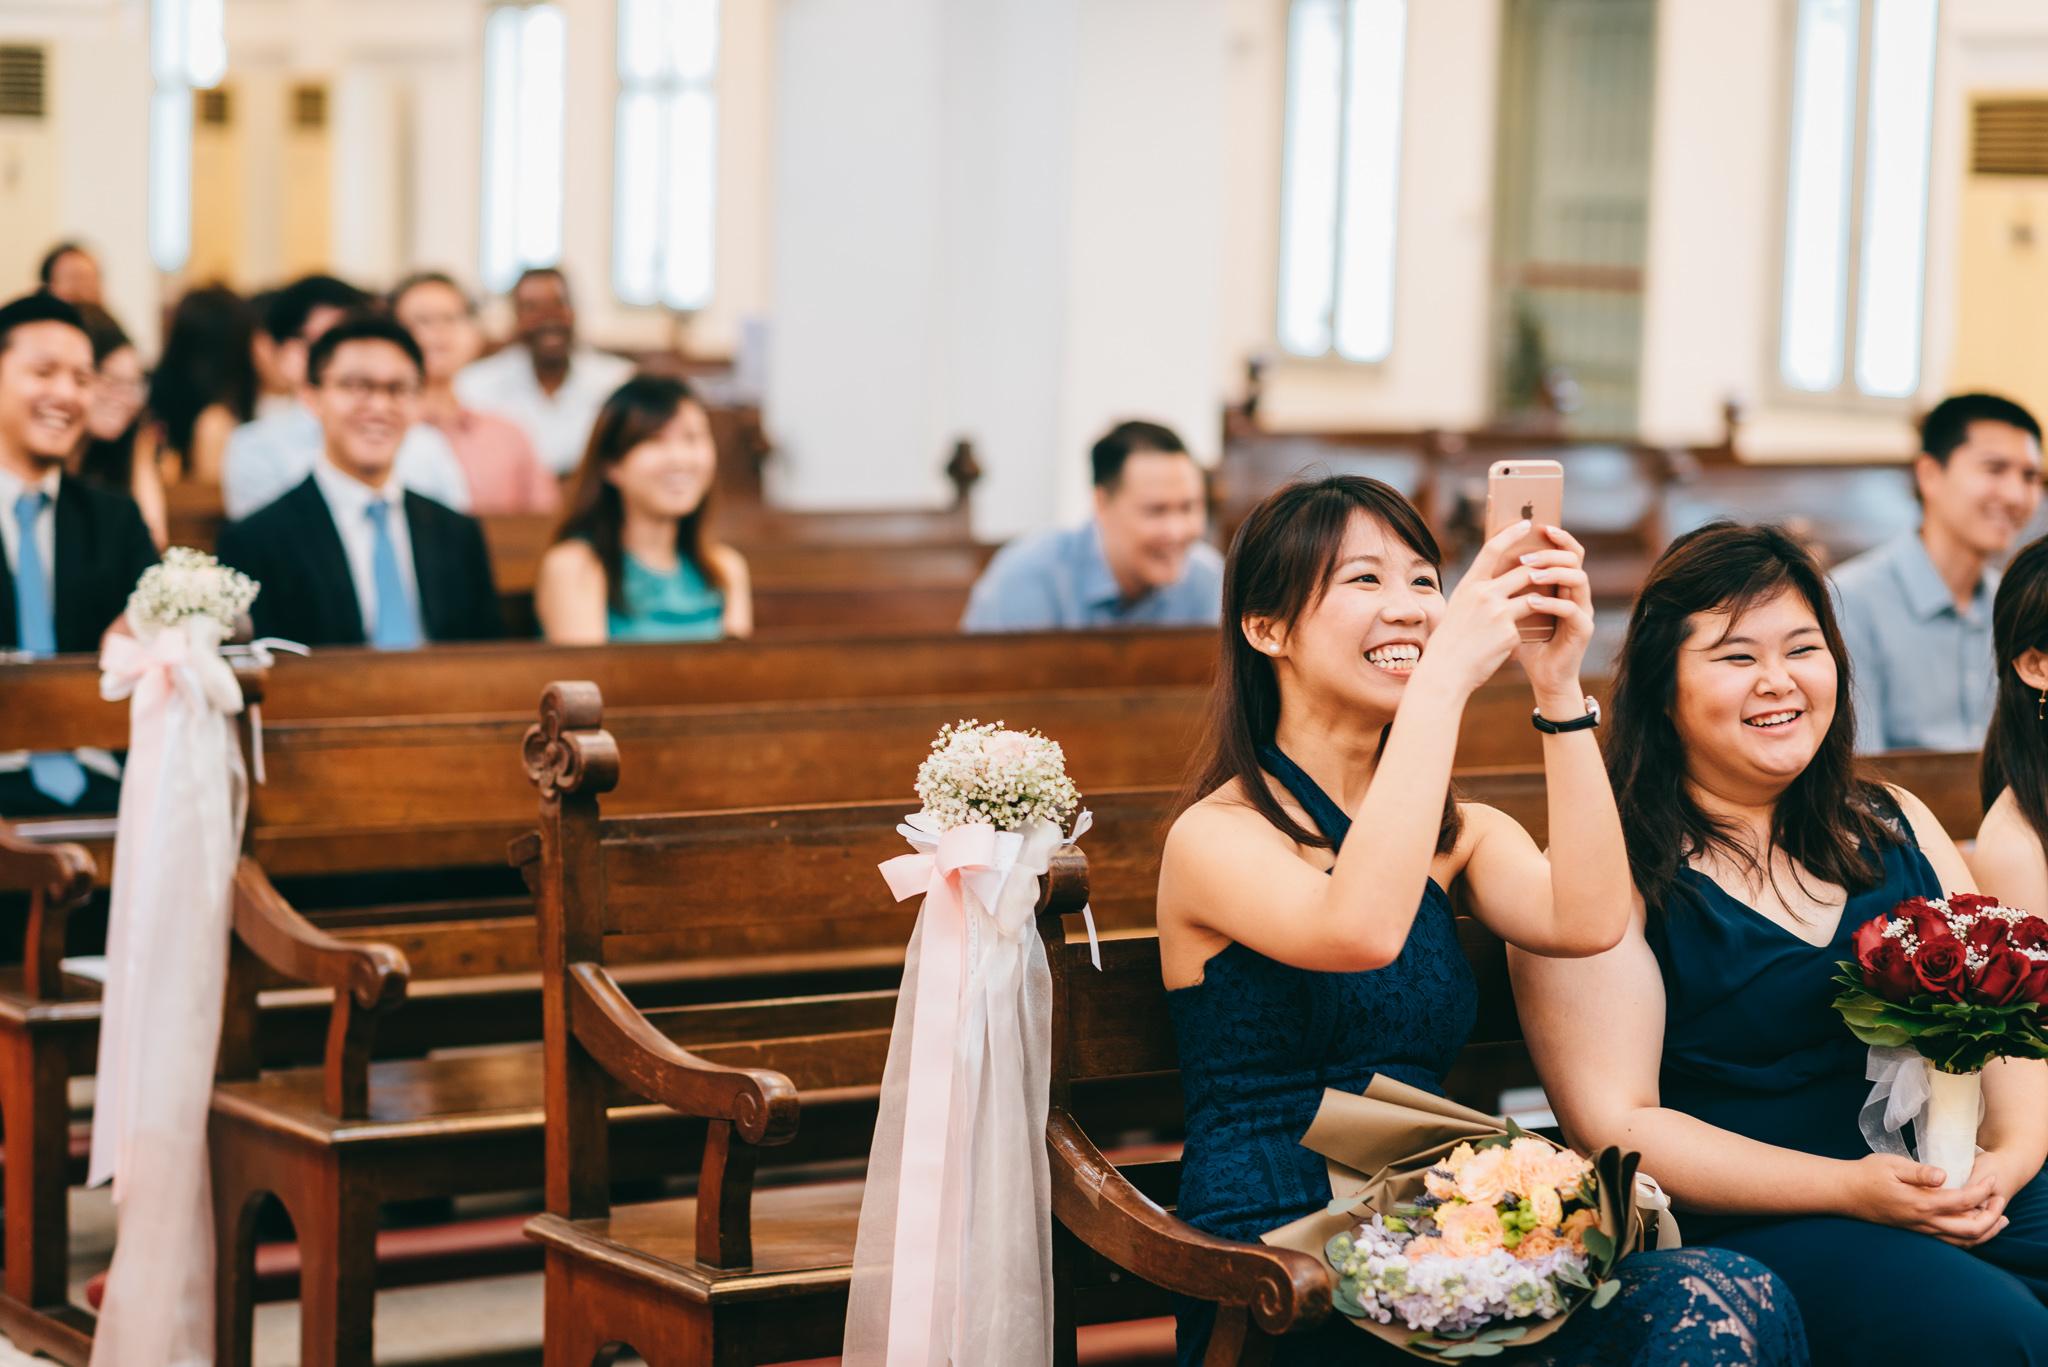 Lionel & Karen Wedding Day Highlights (resized for sharing) - 093.jpg